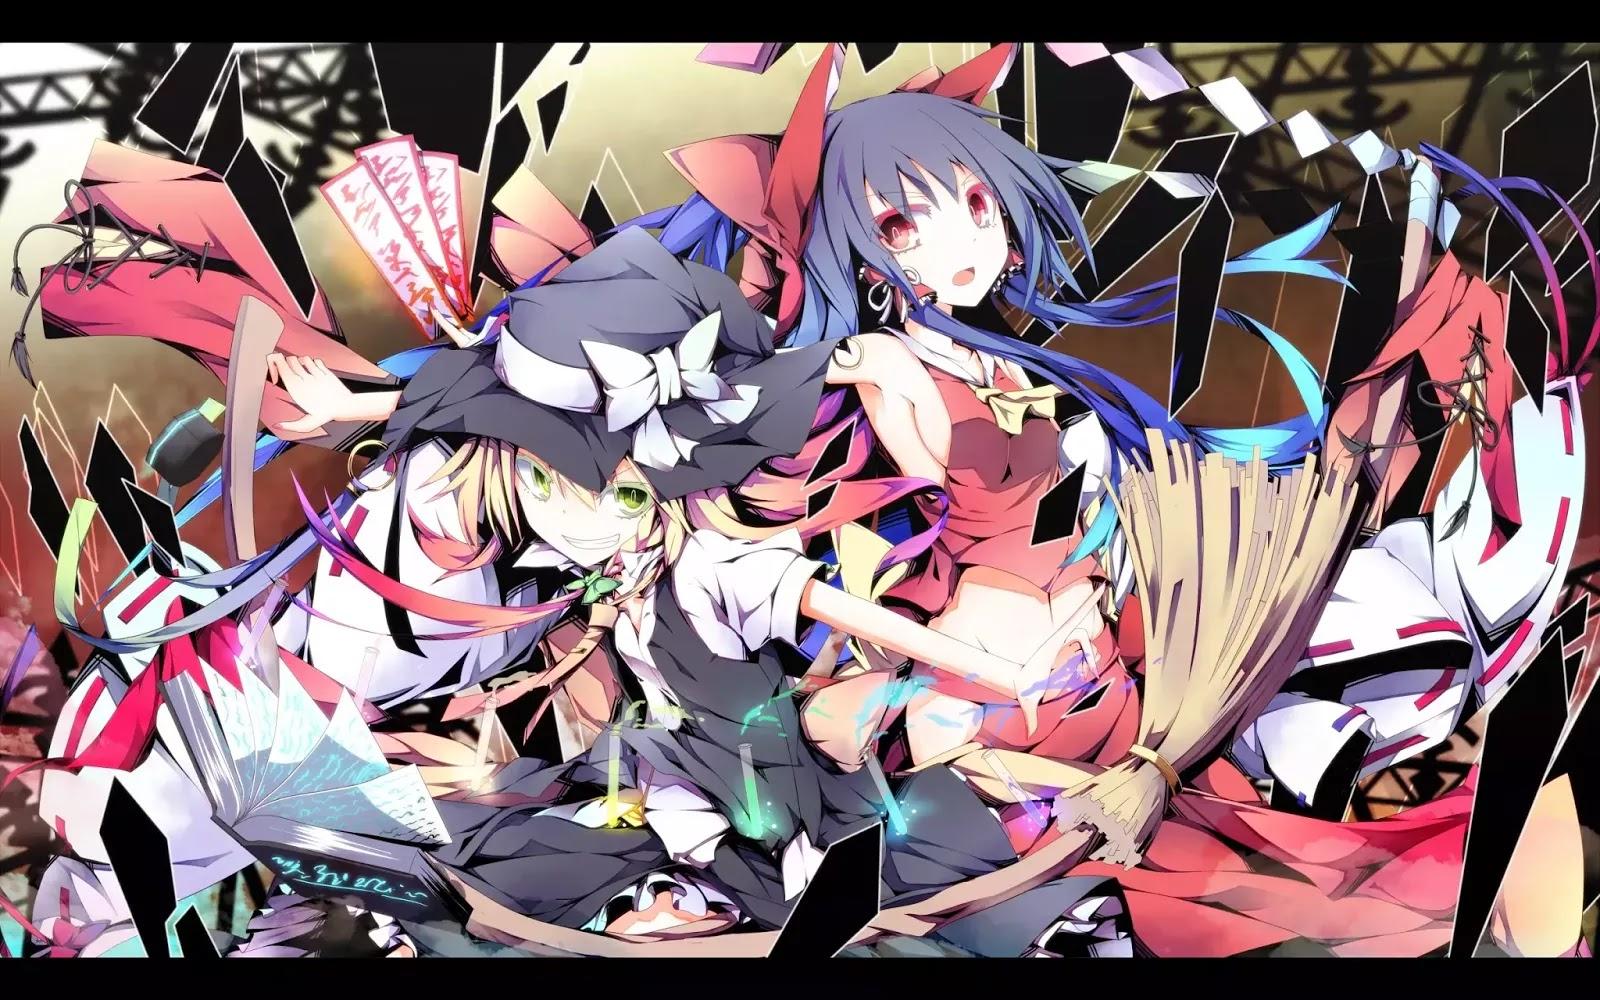 AowVN%2B%252828%2529 - [ Hình Nền ] Loli cực đẹp , cực độc Full HD | Anime Wallpaper